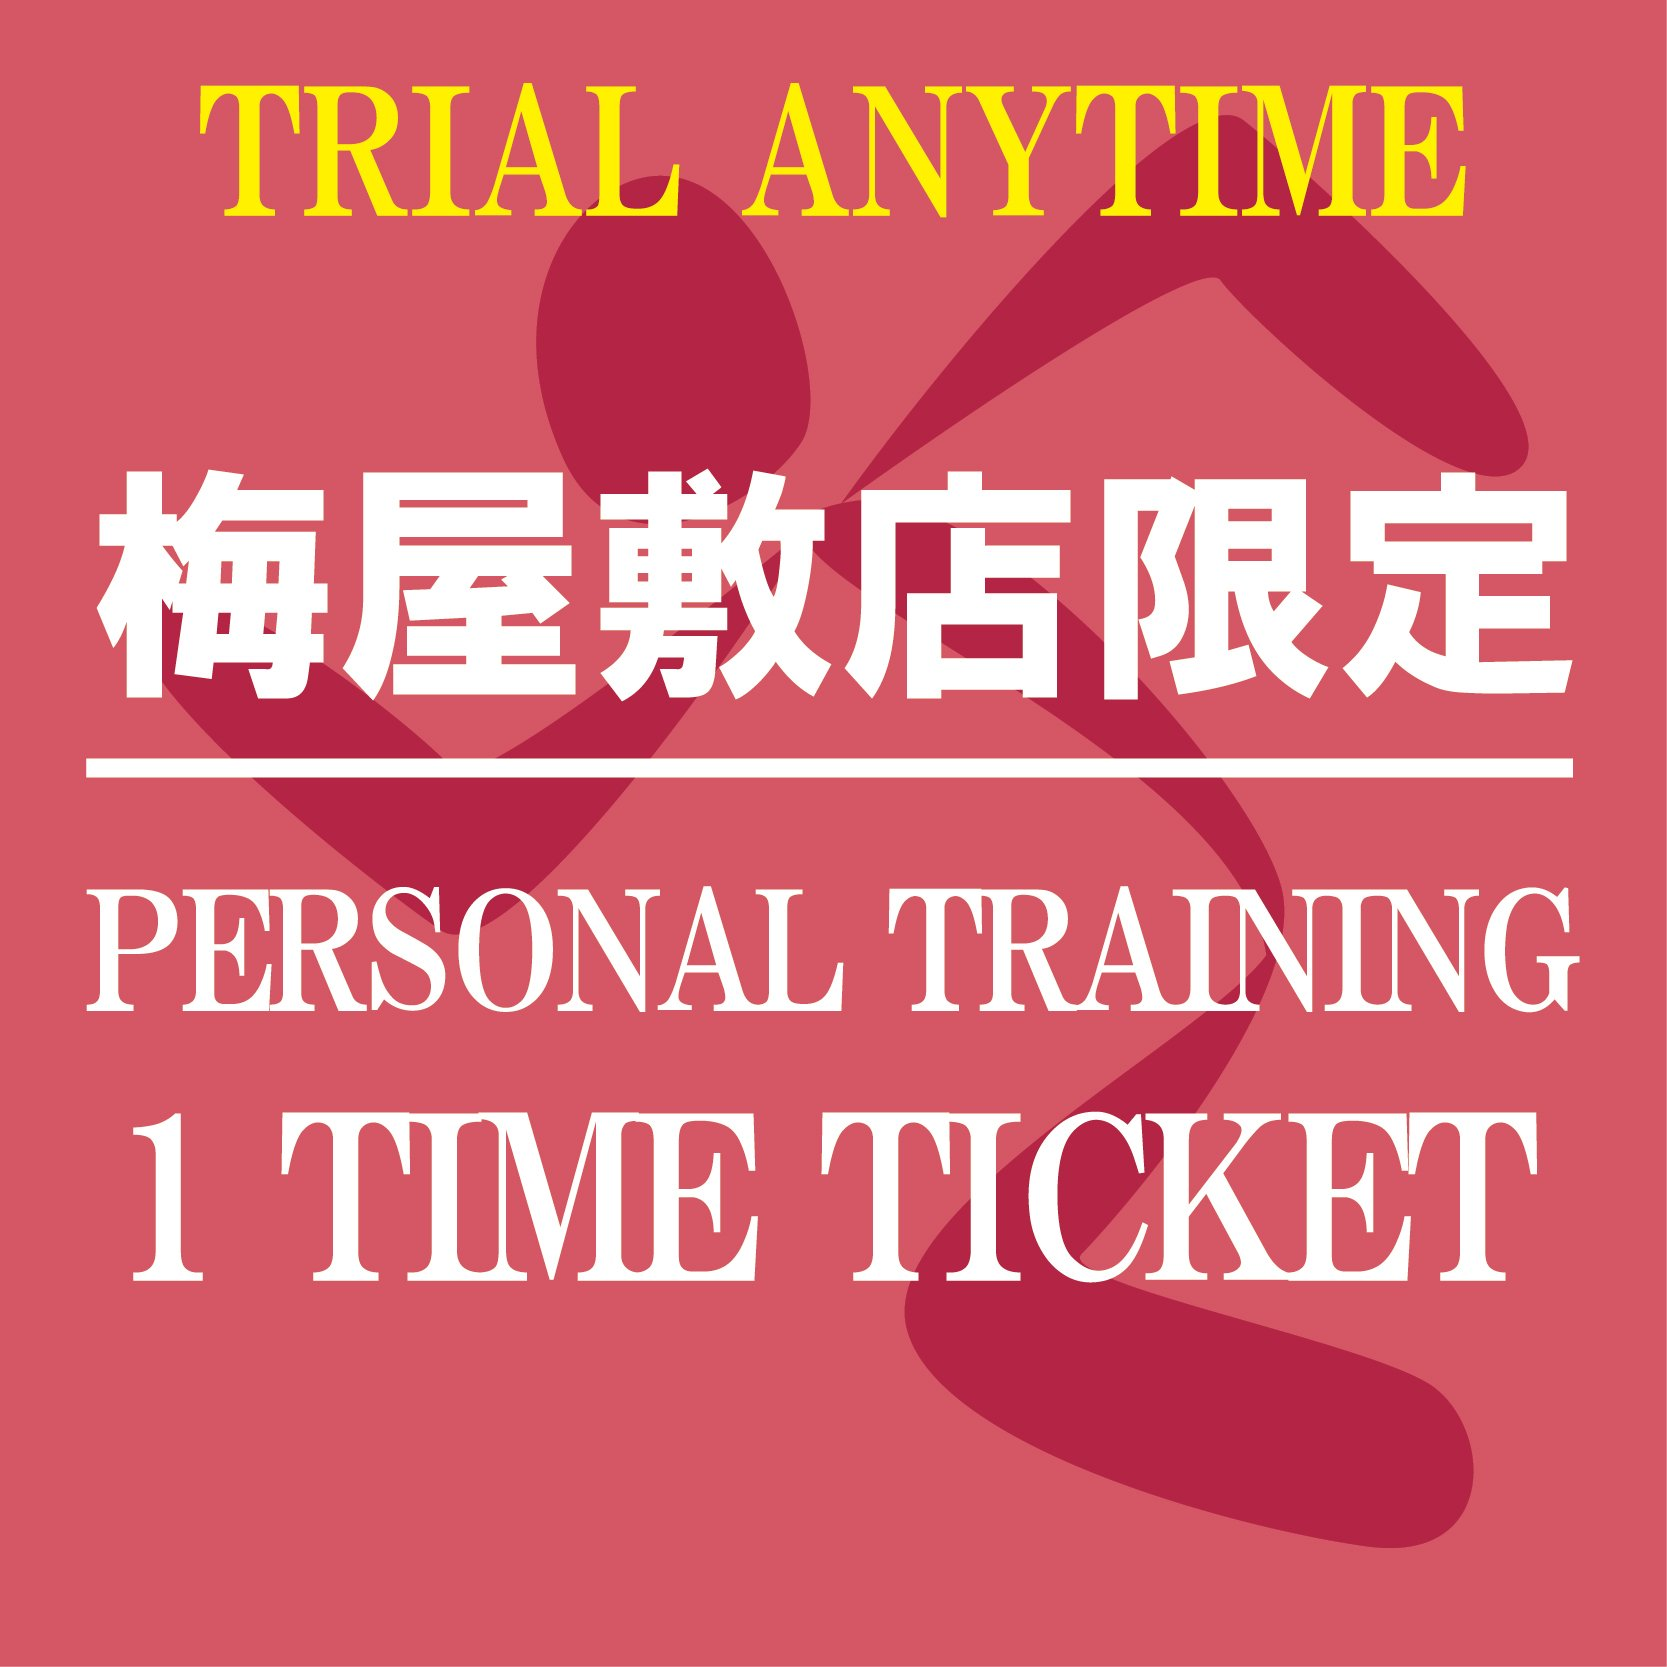 パーソナルトレーニング60分1回チケット〜ANYTIME TRIAL〜[エニタイムフィットネス梅屋敷店限定]のイメージその1